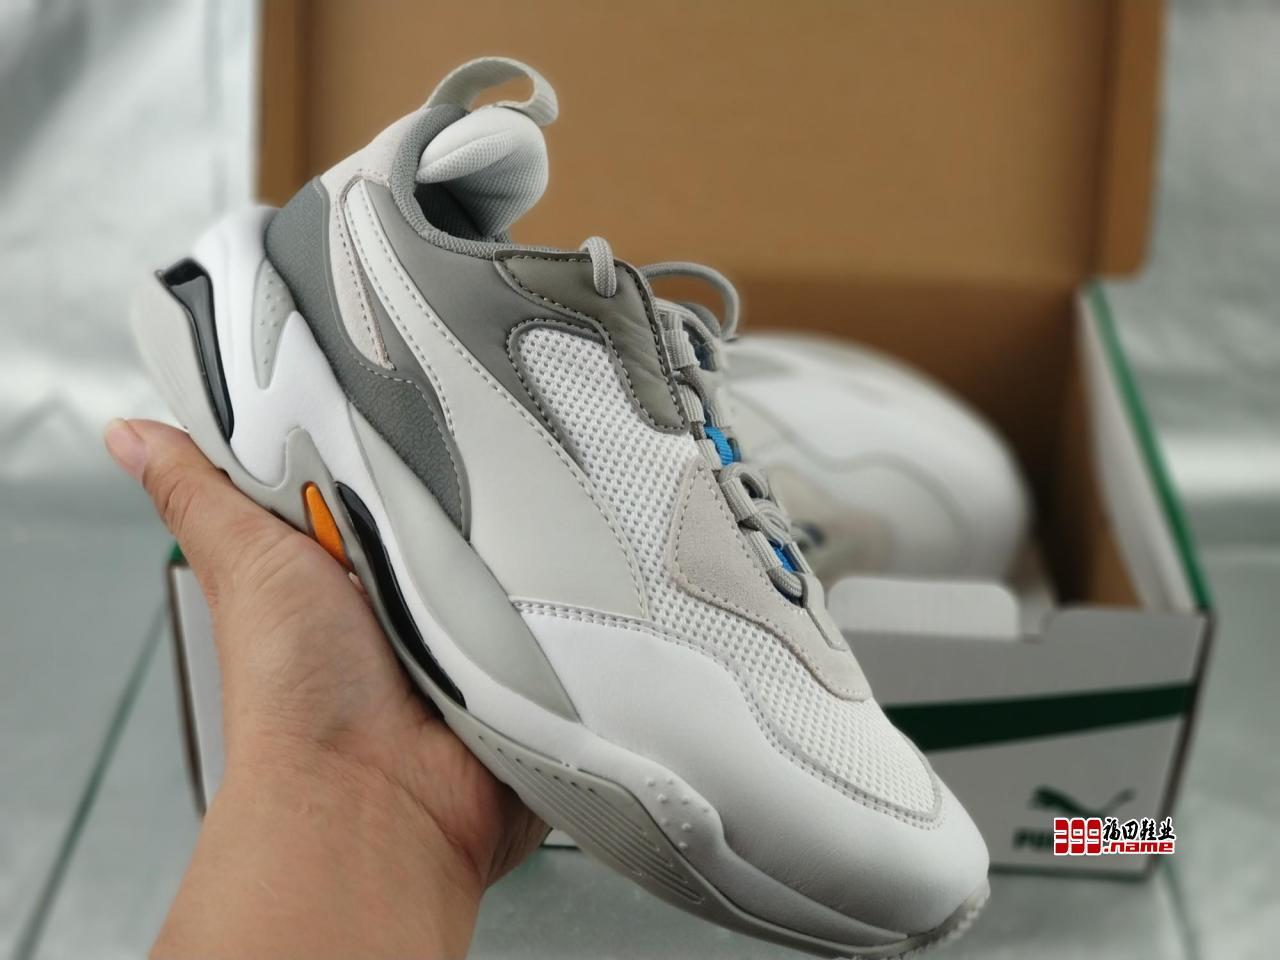 韩国爆款 唯一正确版本 诠释最高工艺  Puma彪马Thunder Spectra 金泫雅同款 时尚运动复古老爹鞋  货号:367516--24